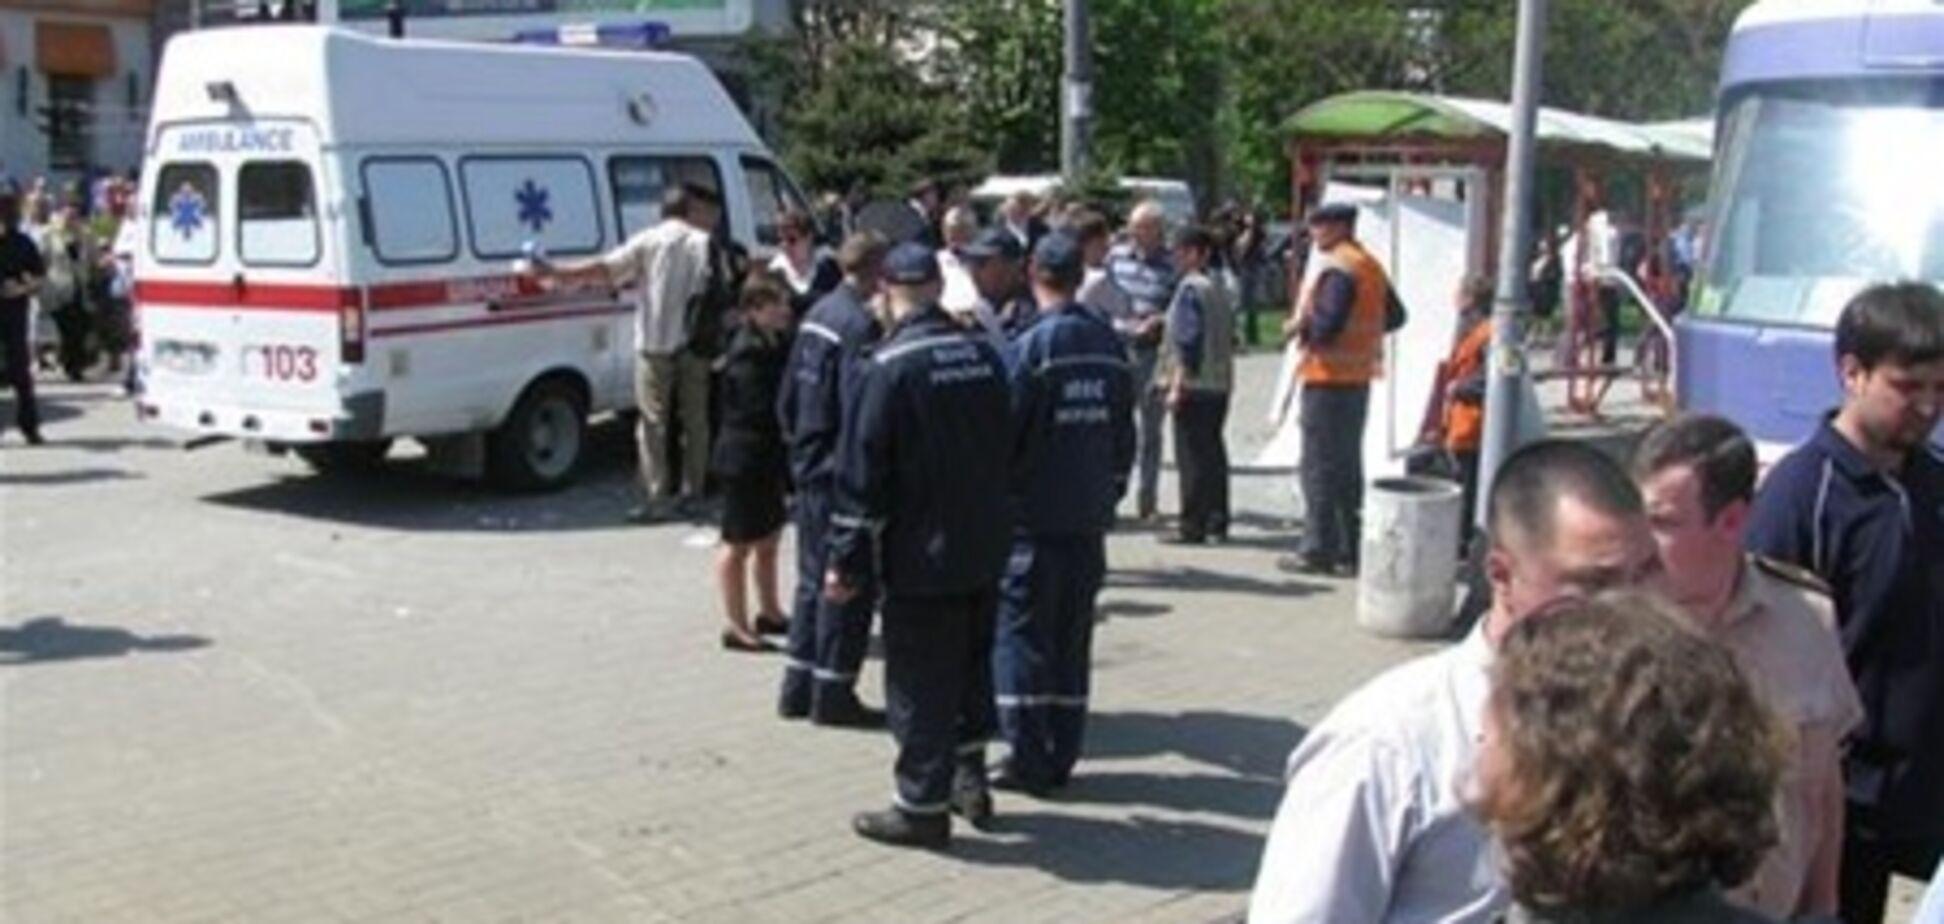 Список раненых в серии взрывов в Днепропетровске